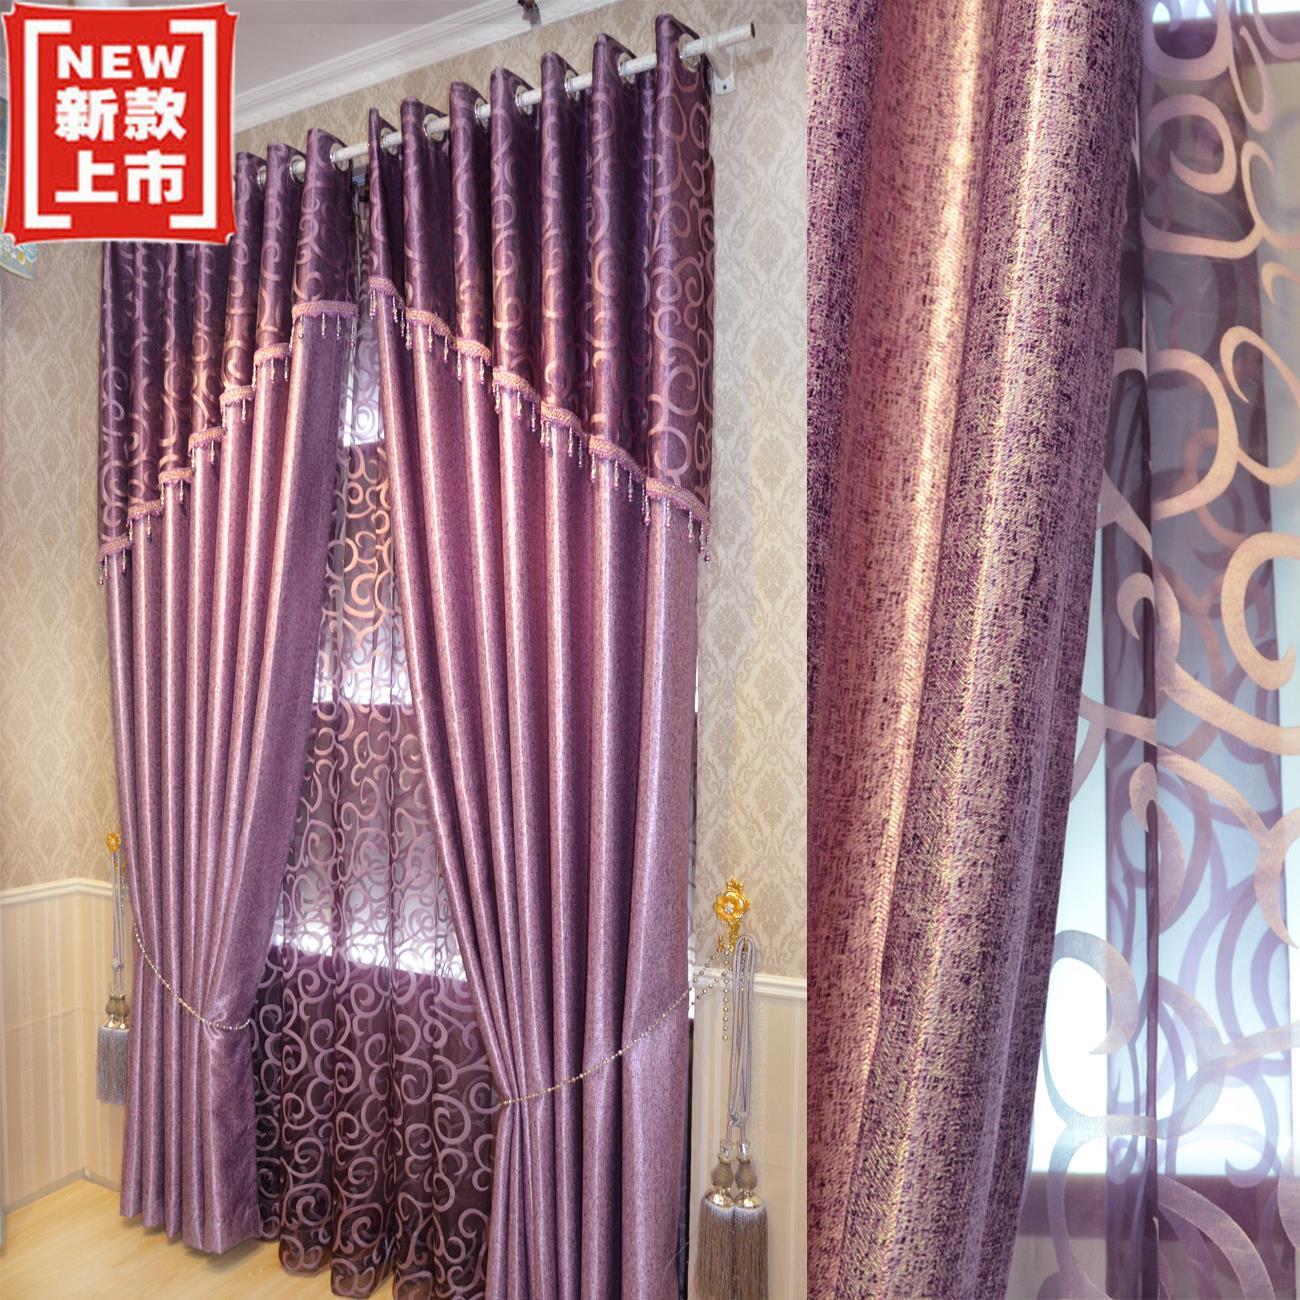 意大利丝绒布料纯色高档客厅欧式窗帘卧室简约现代成品遮光灰色纱